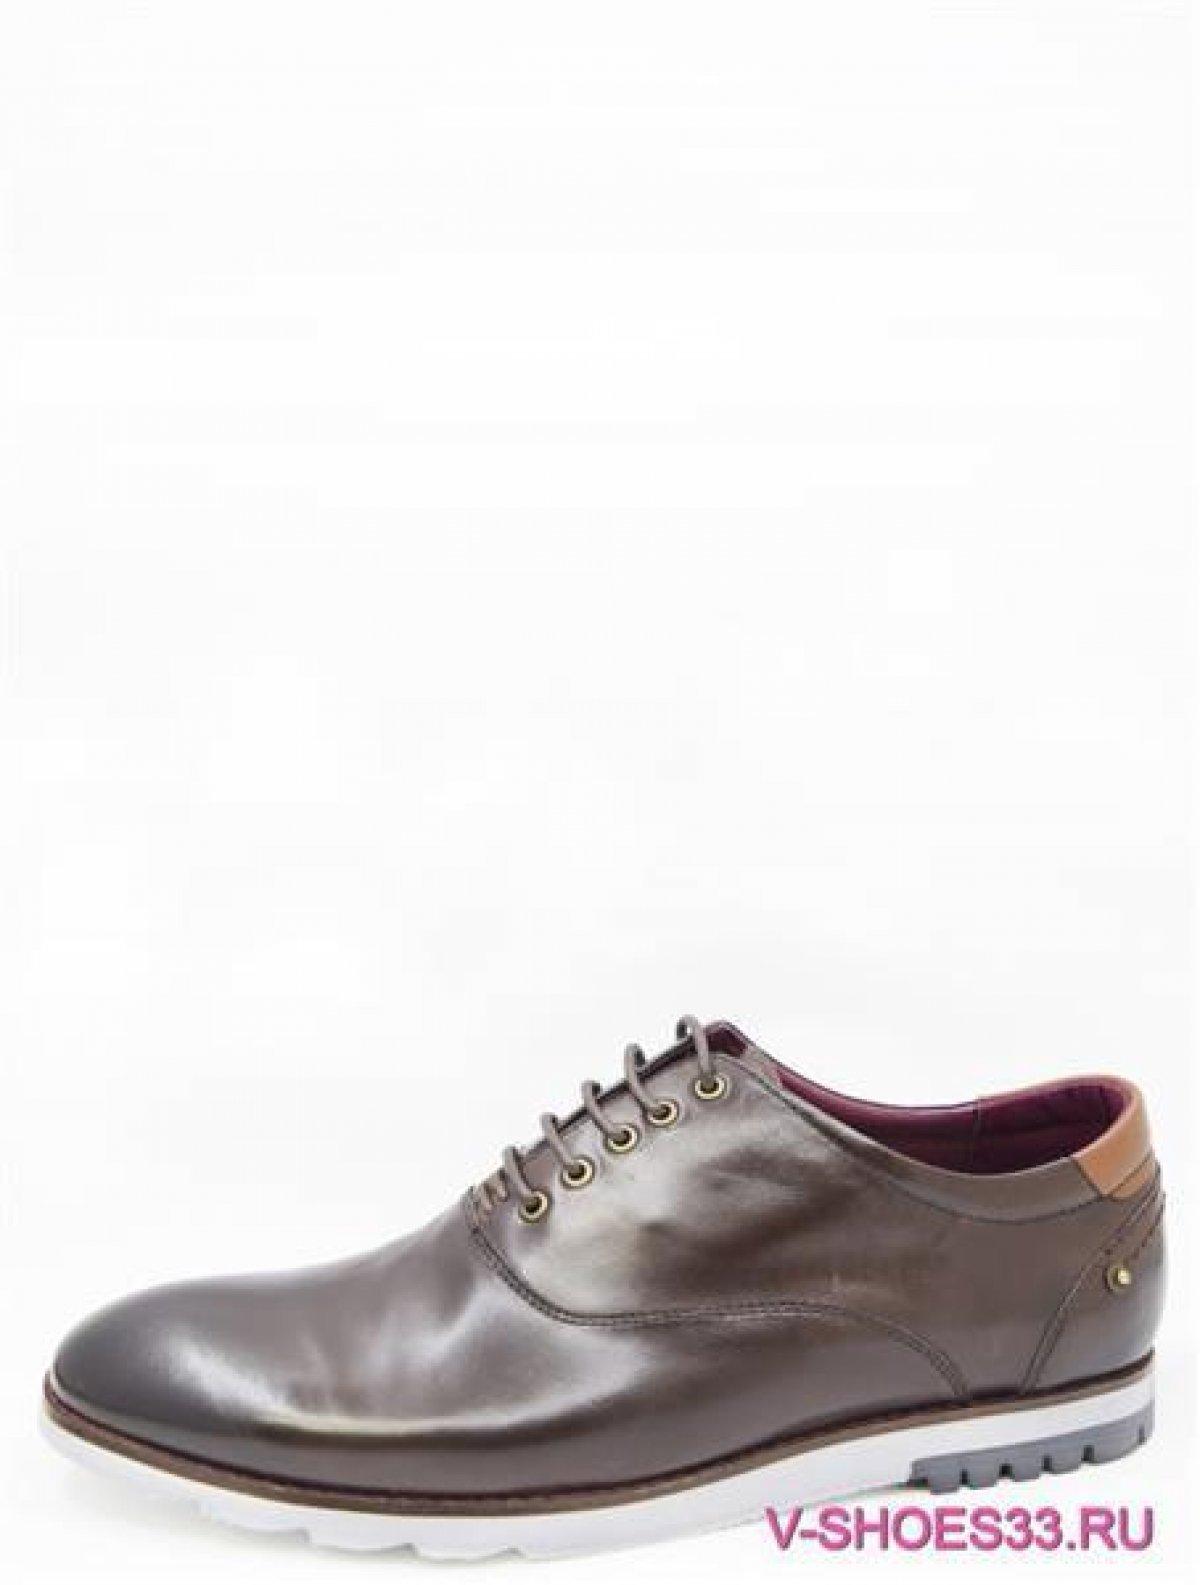 V83-086515 мужские туфли